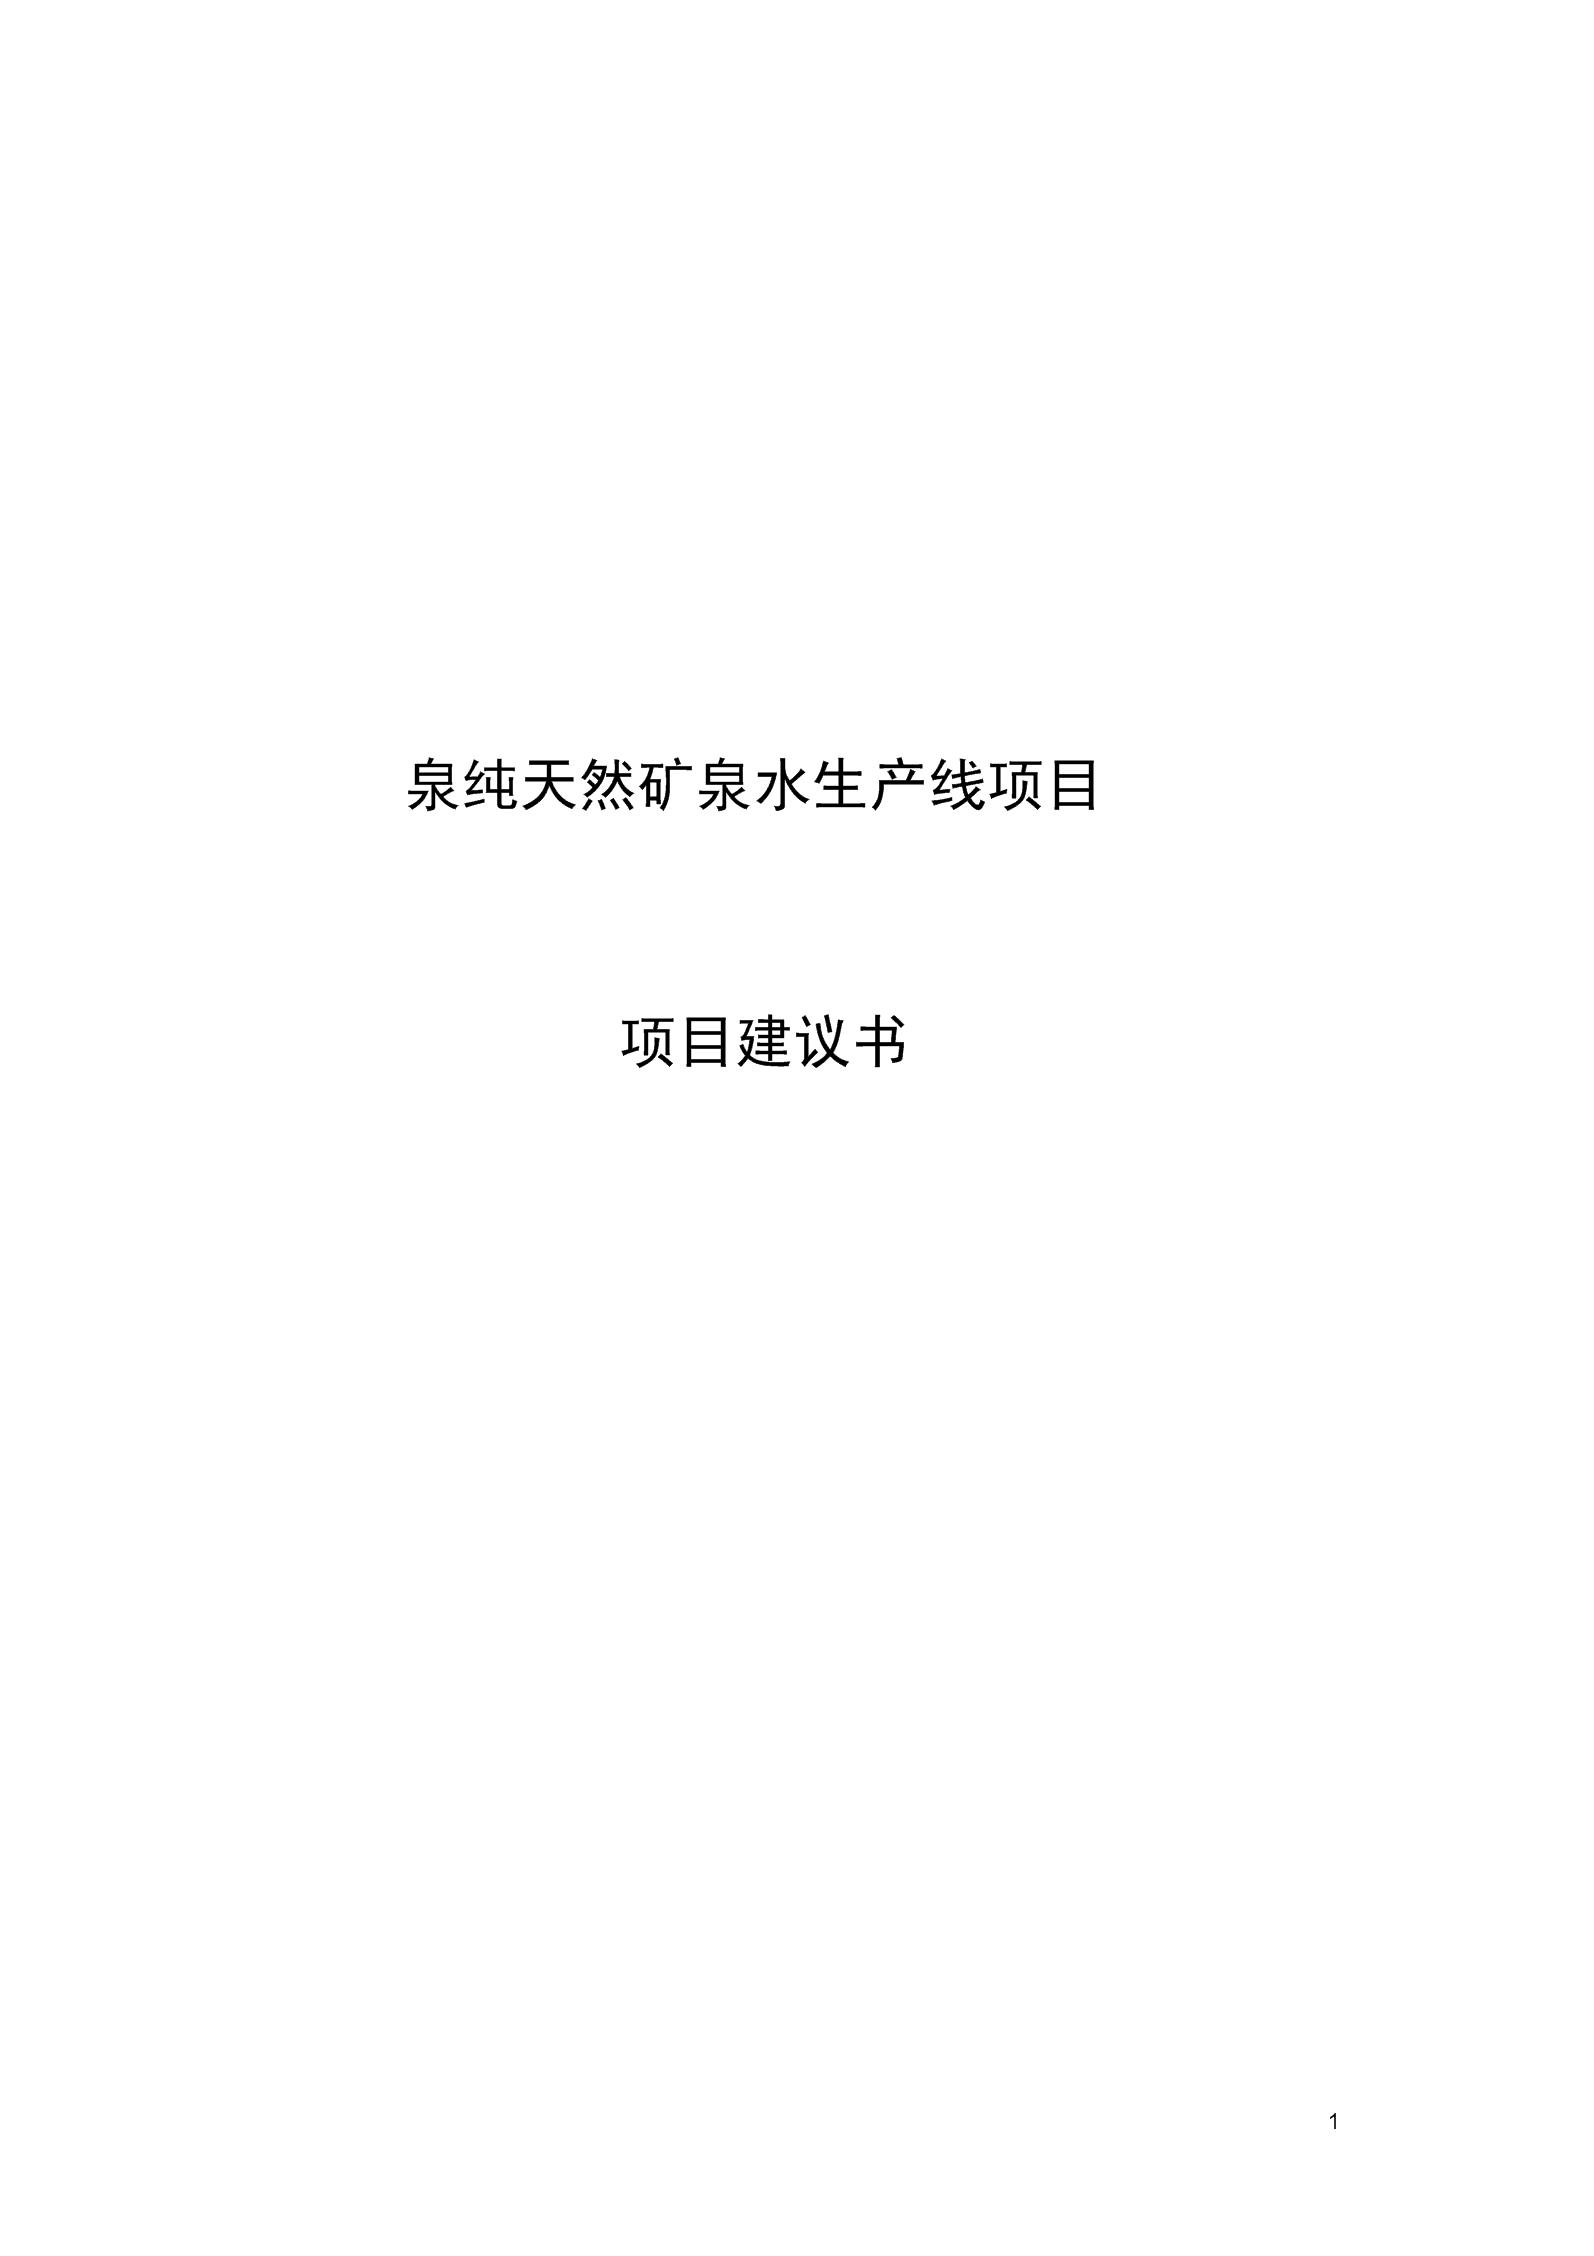 泉纯天然矿泉水生产线项目项目建议书.docx